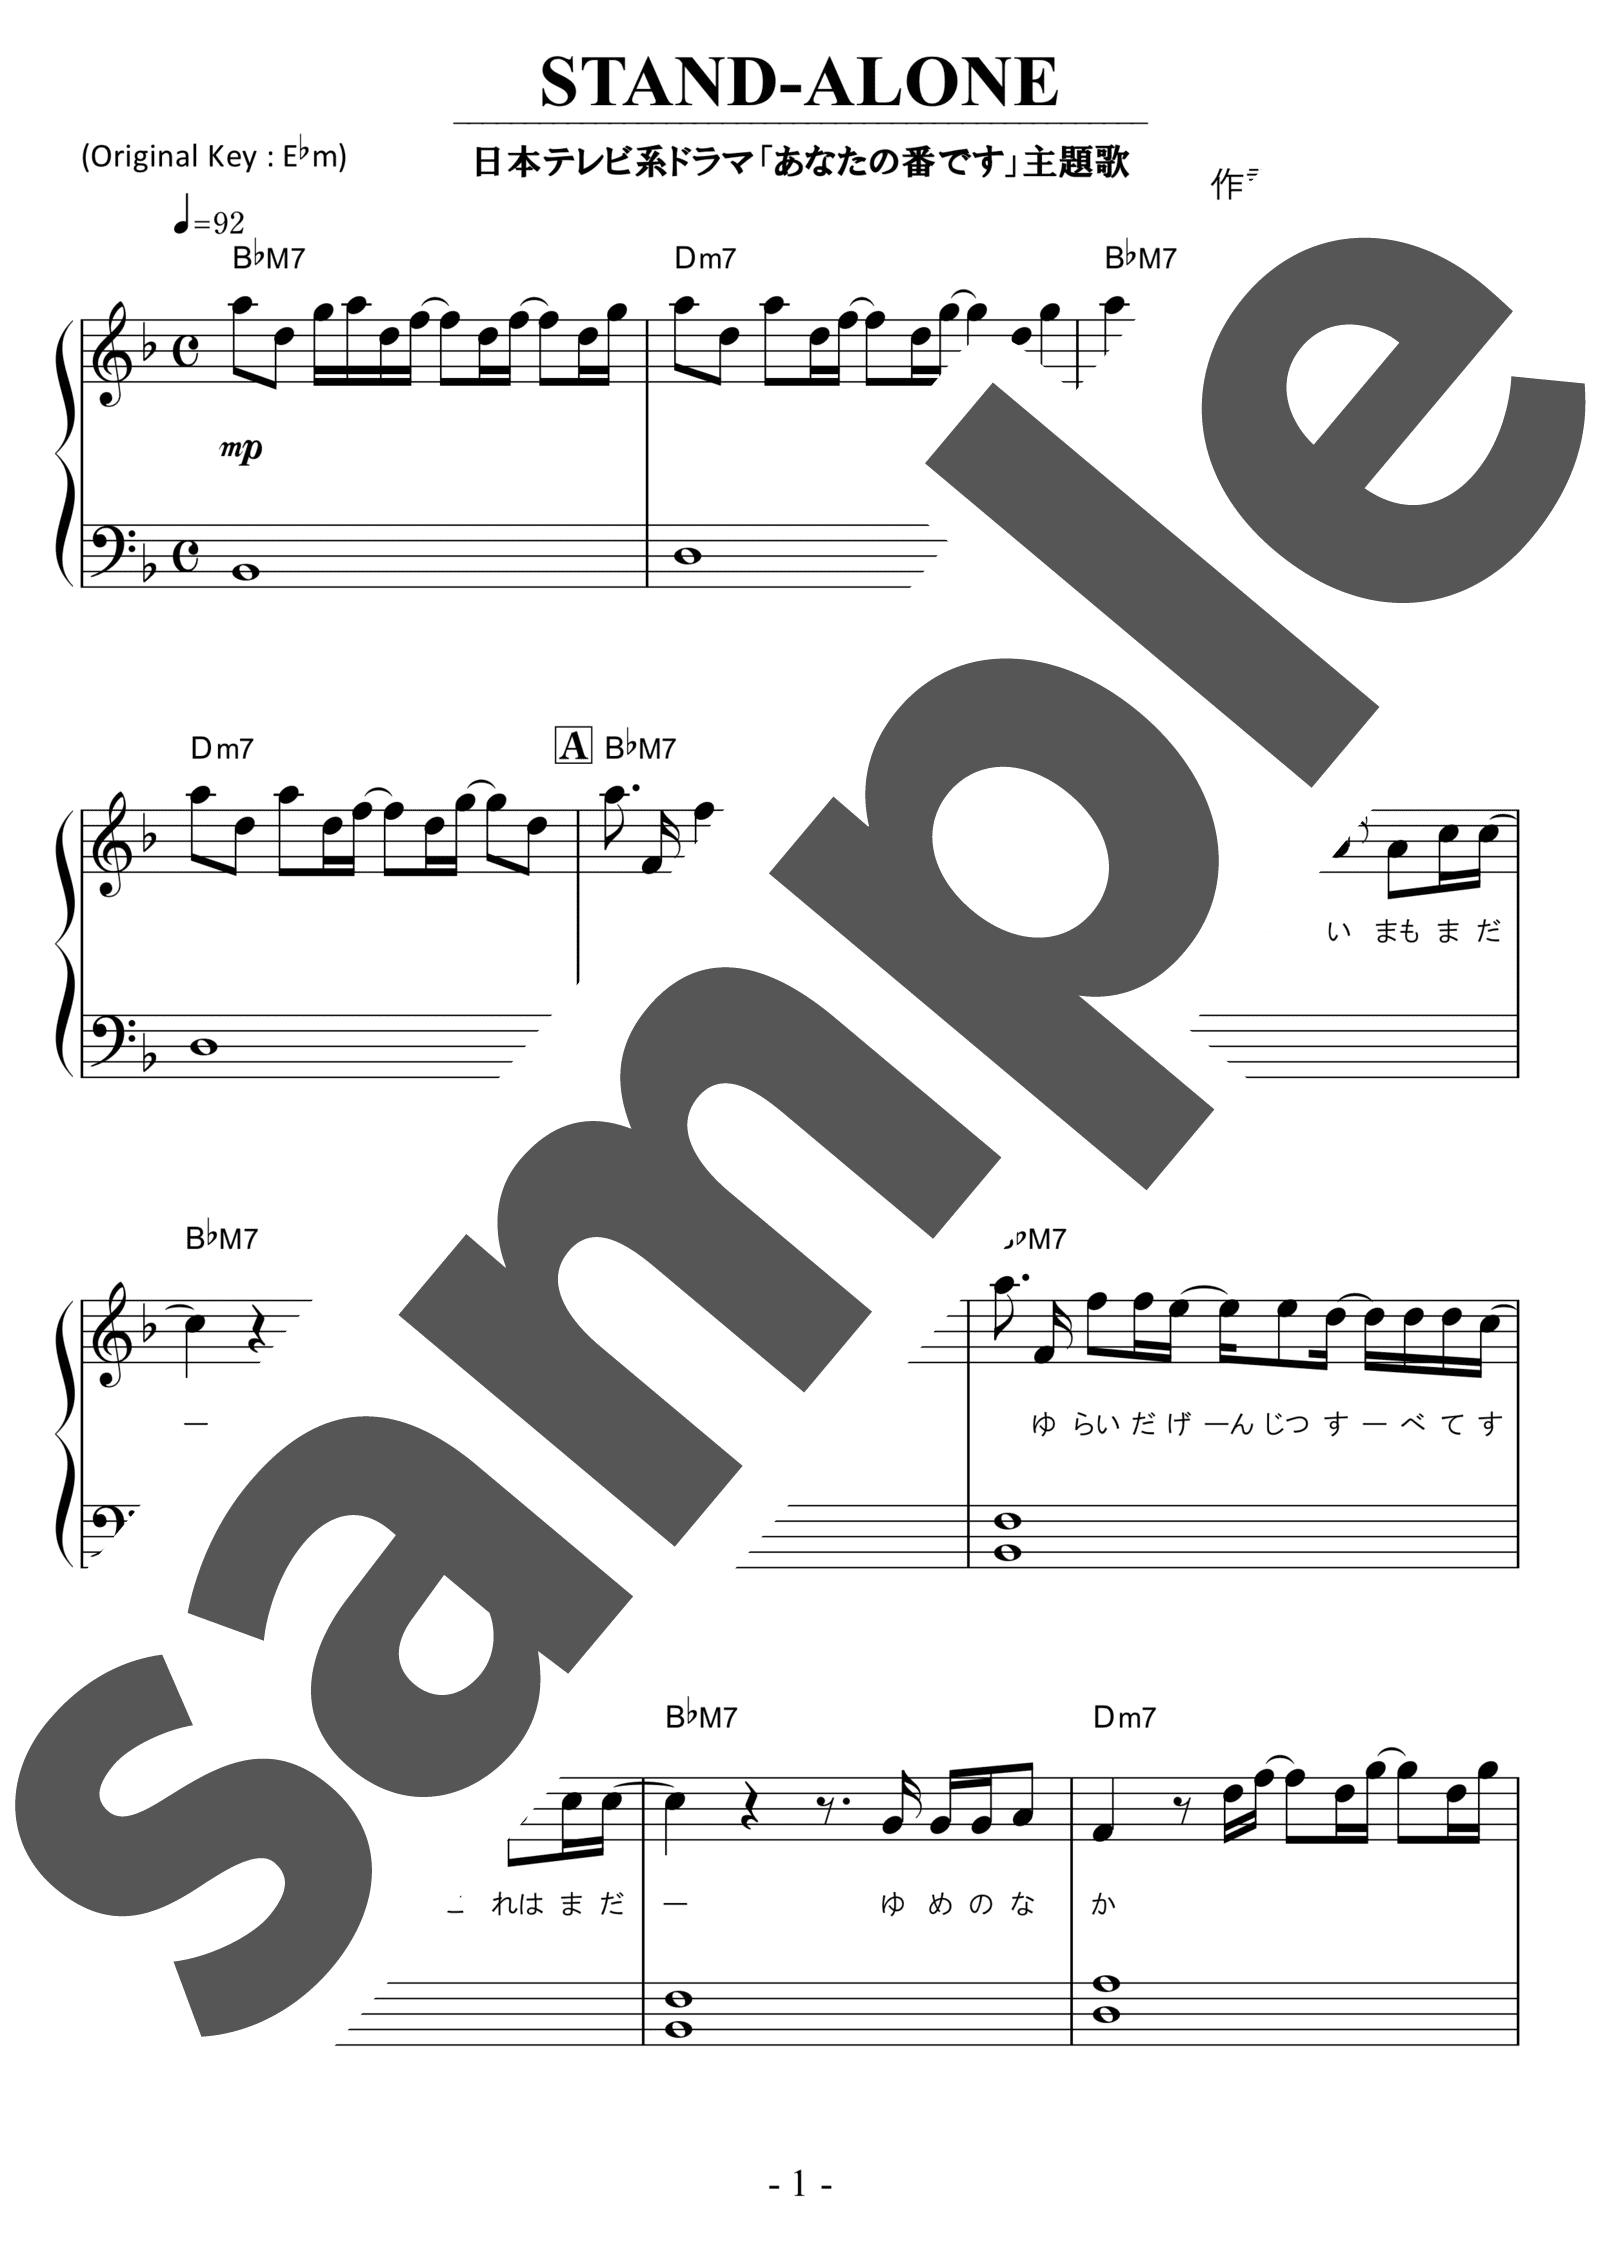 「STAND-ALONE」のサンプル楽譜